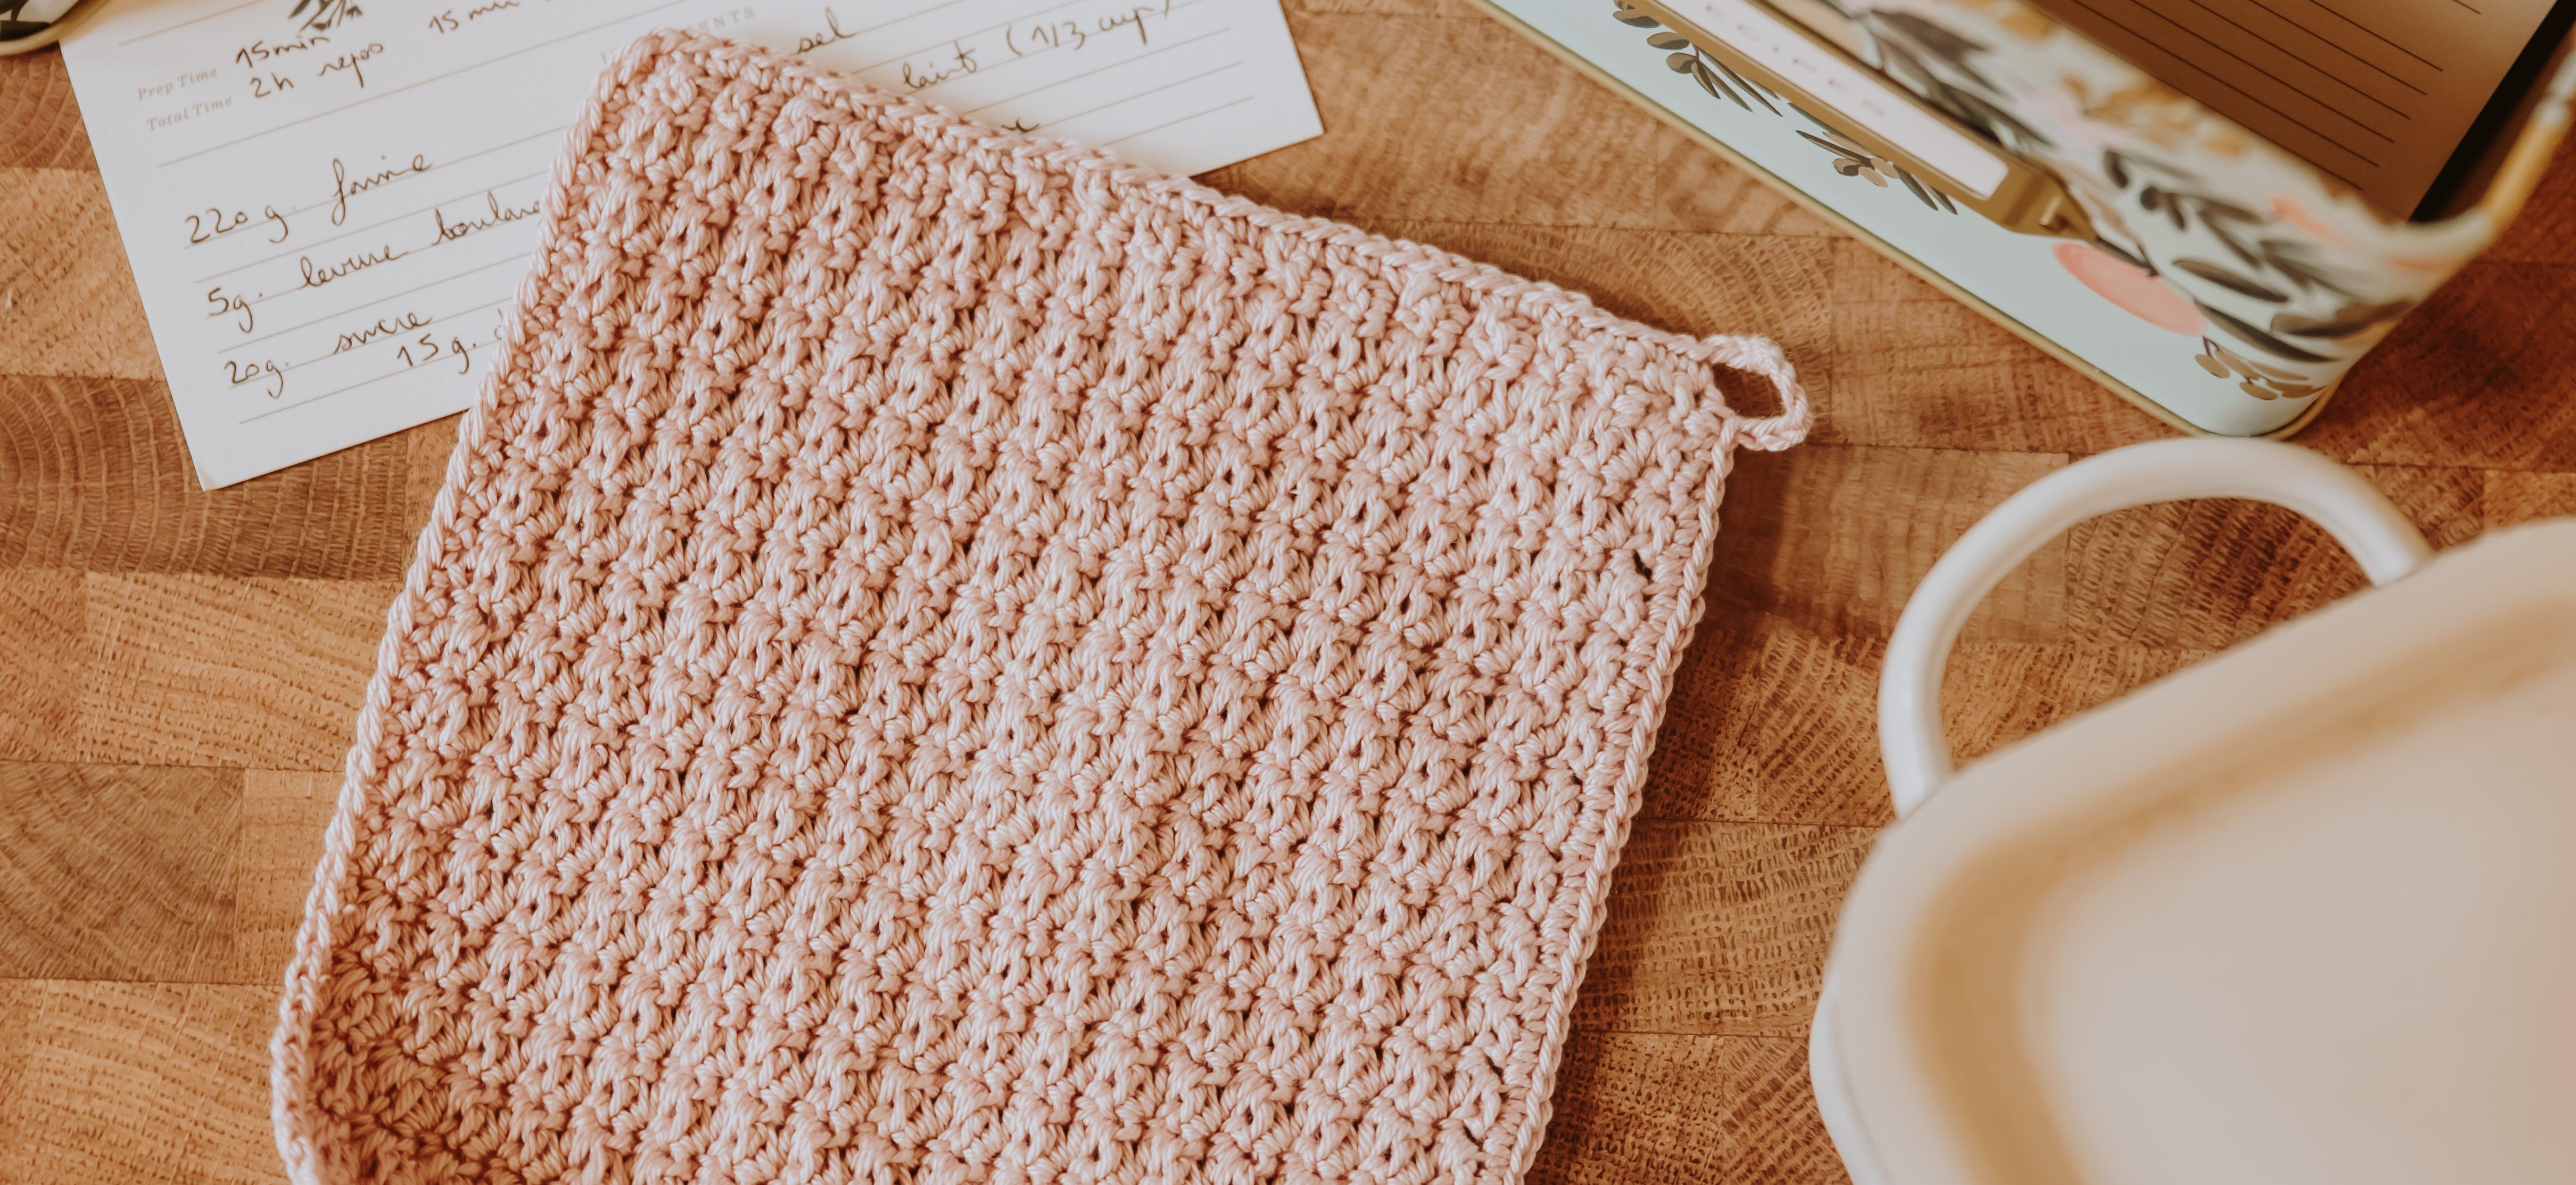 créer manique au crochet